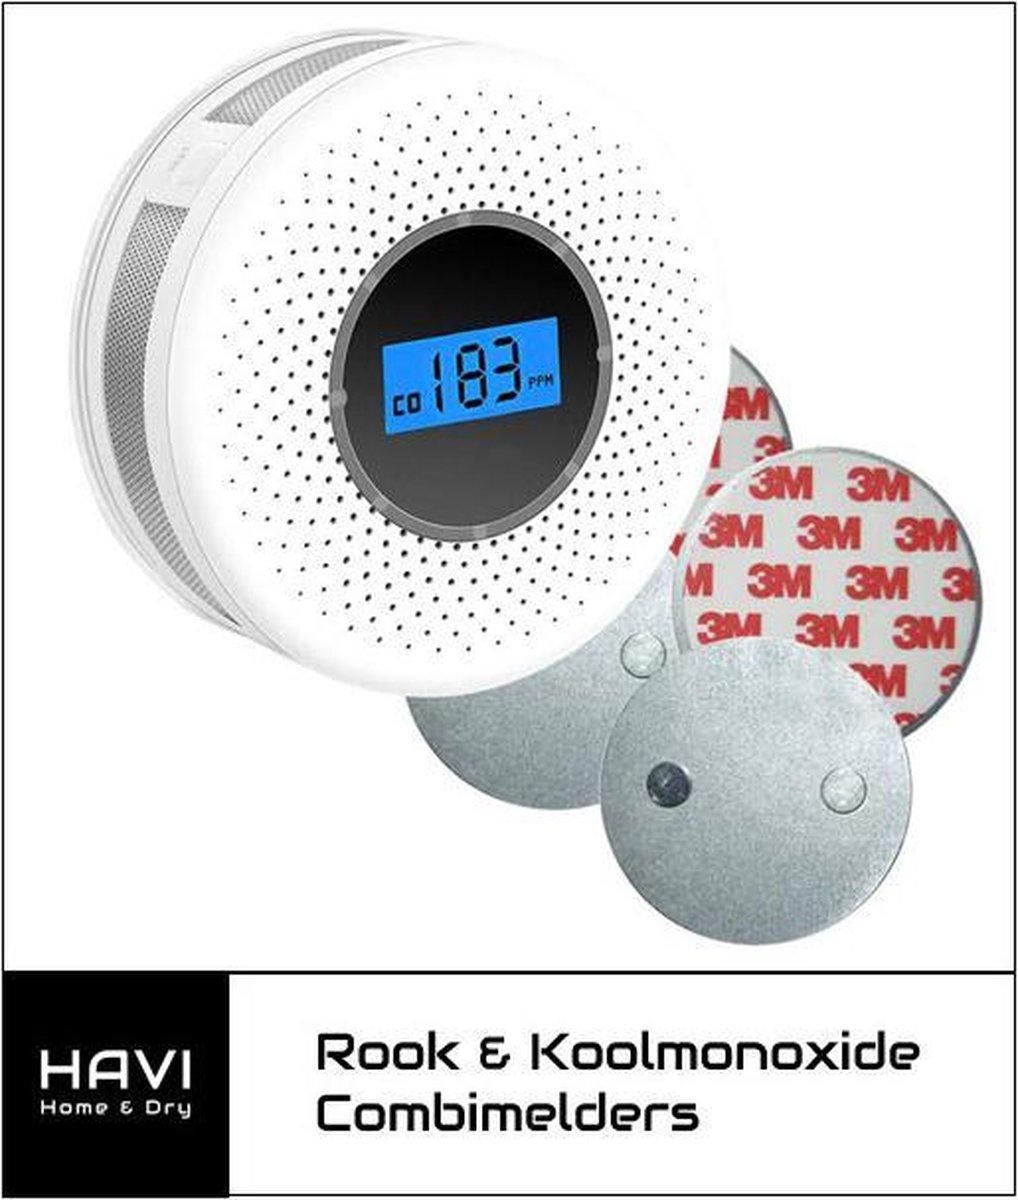 HAVI Home & Dry - Zelfklevende Rook- en koolmonoxide melder - Nieuwste generatie - 85db alarm - Incl